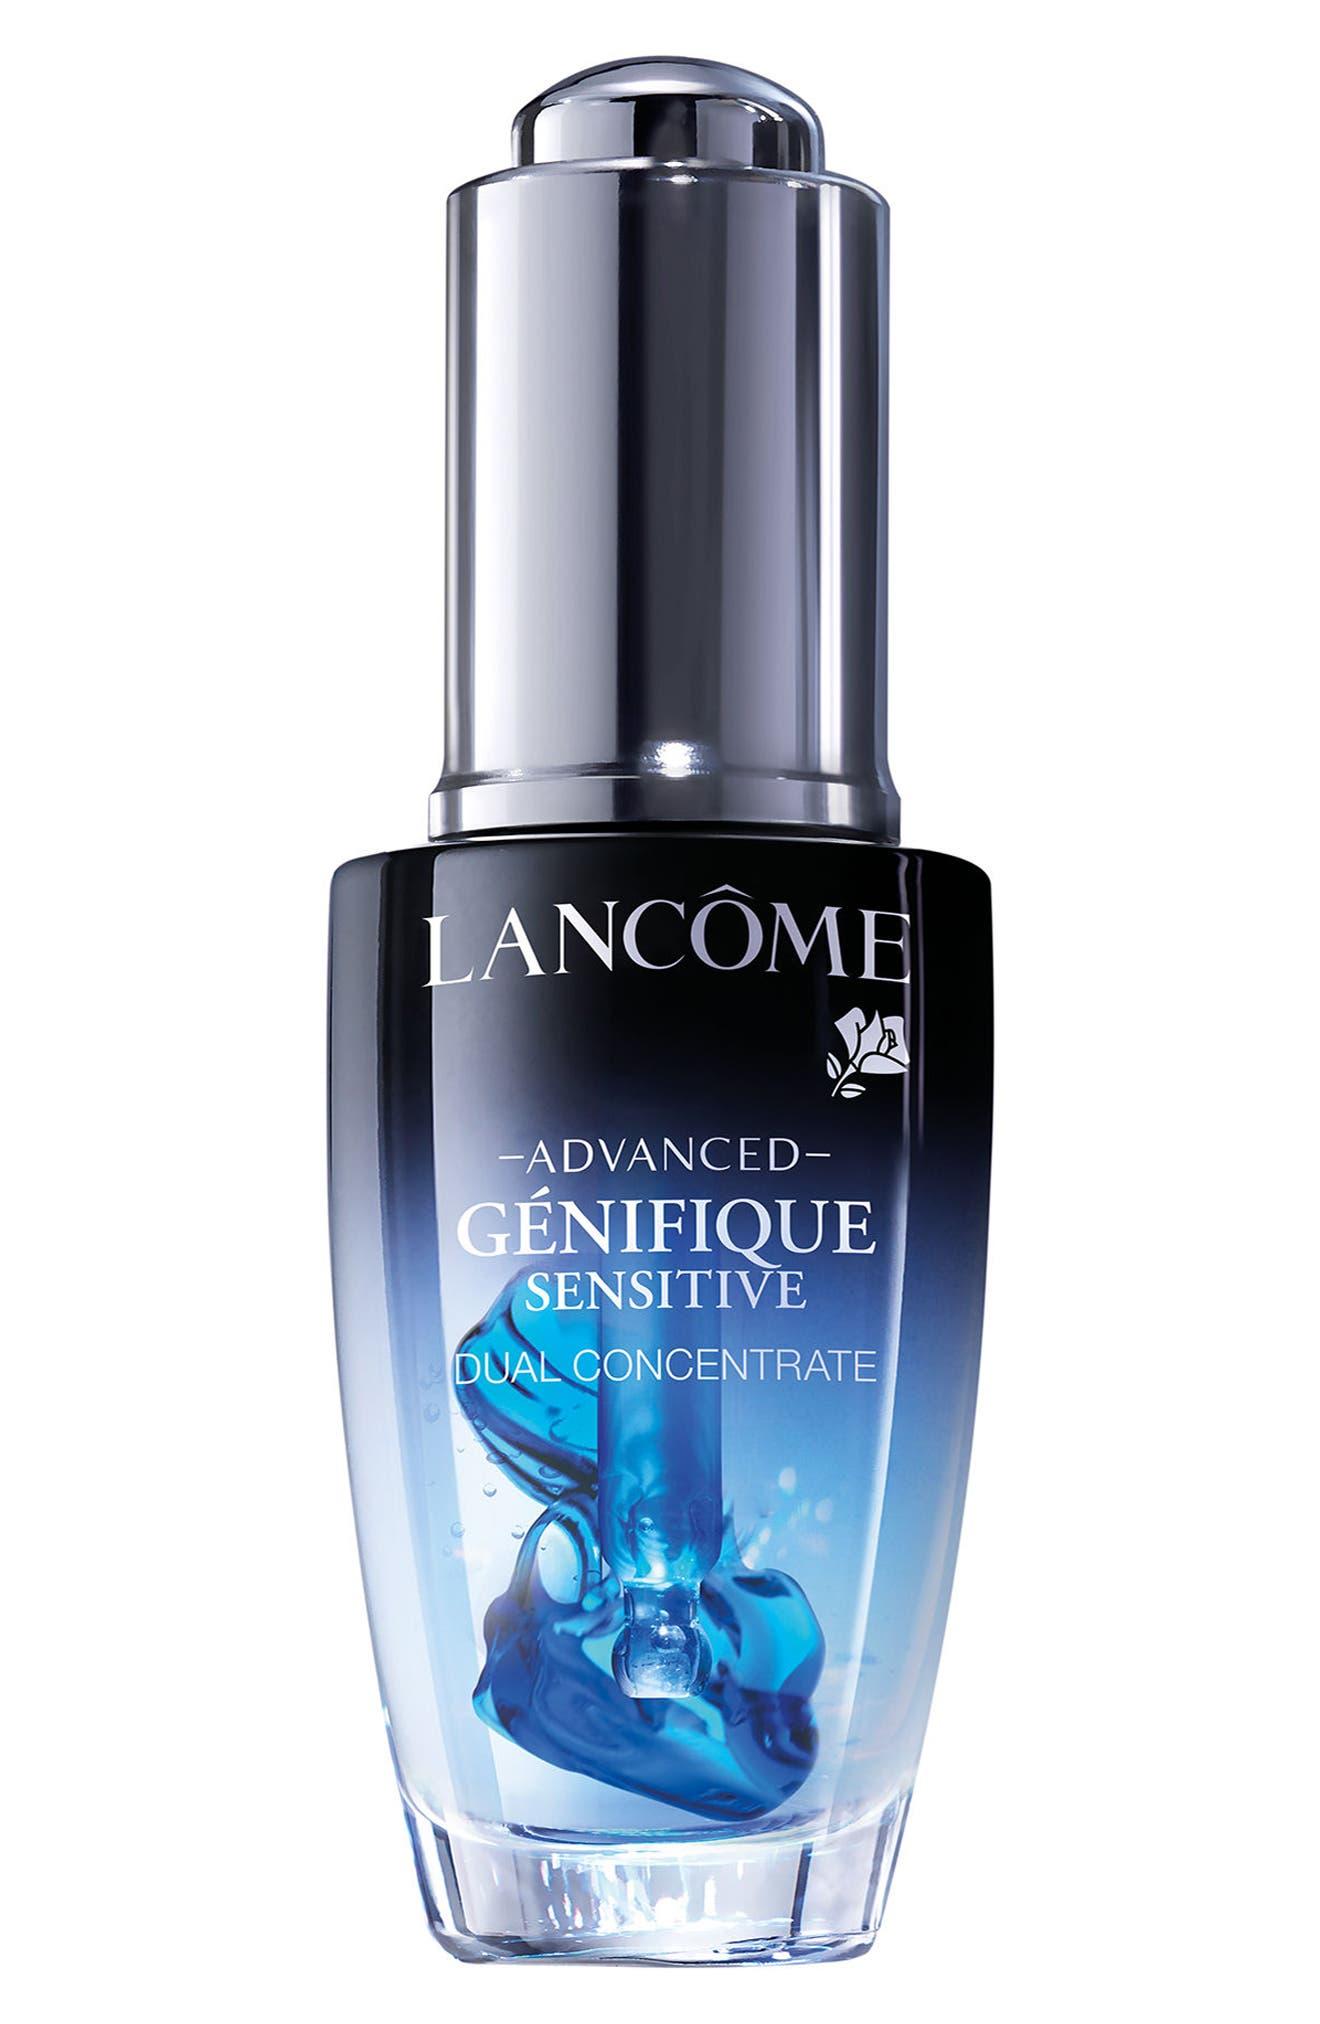 Lancome Advanced Genifique Sensitive Dual Concentrate Serum